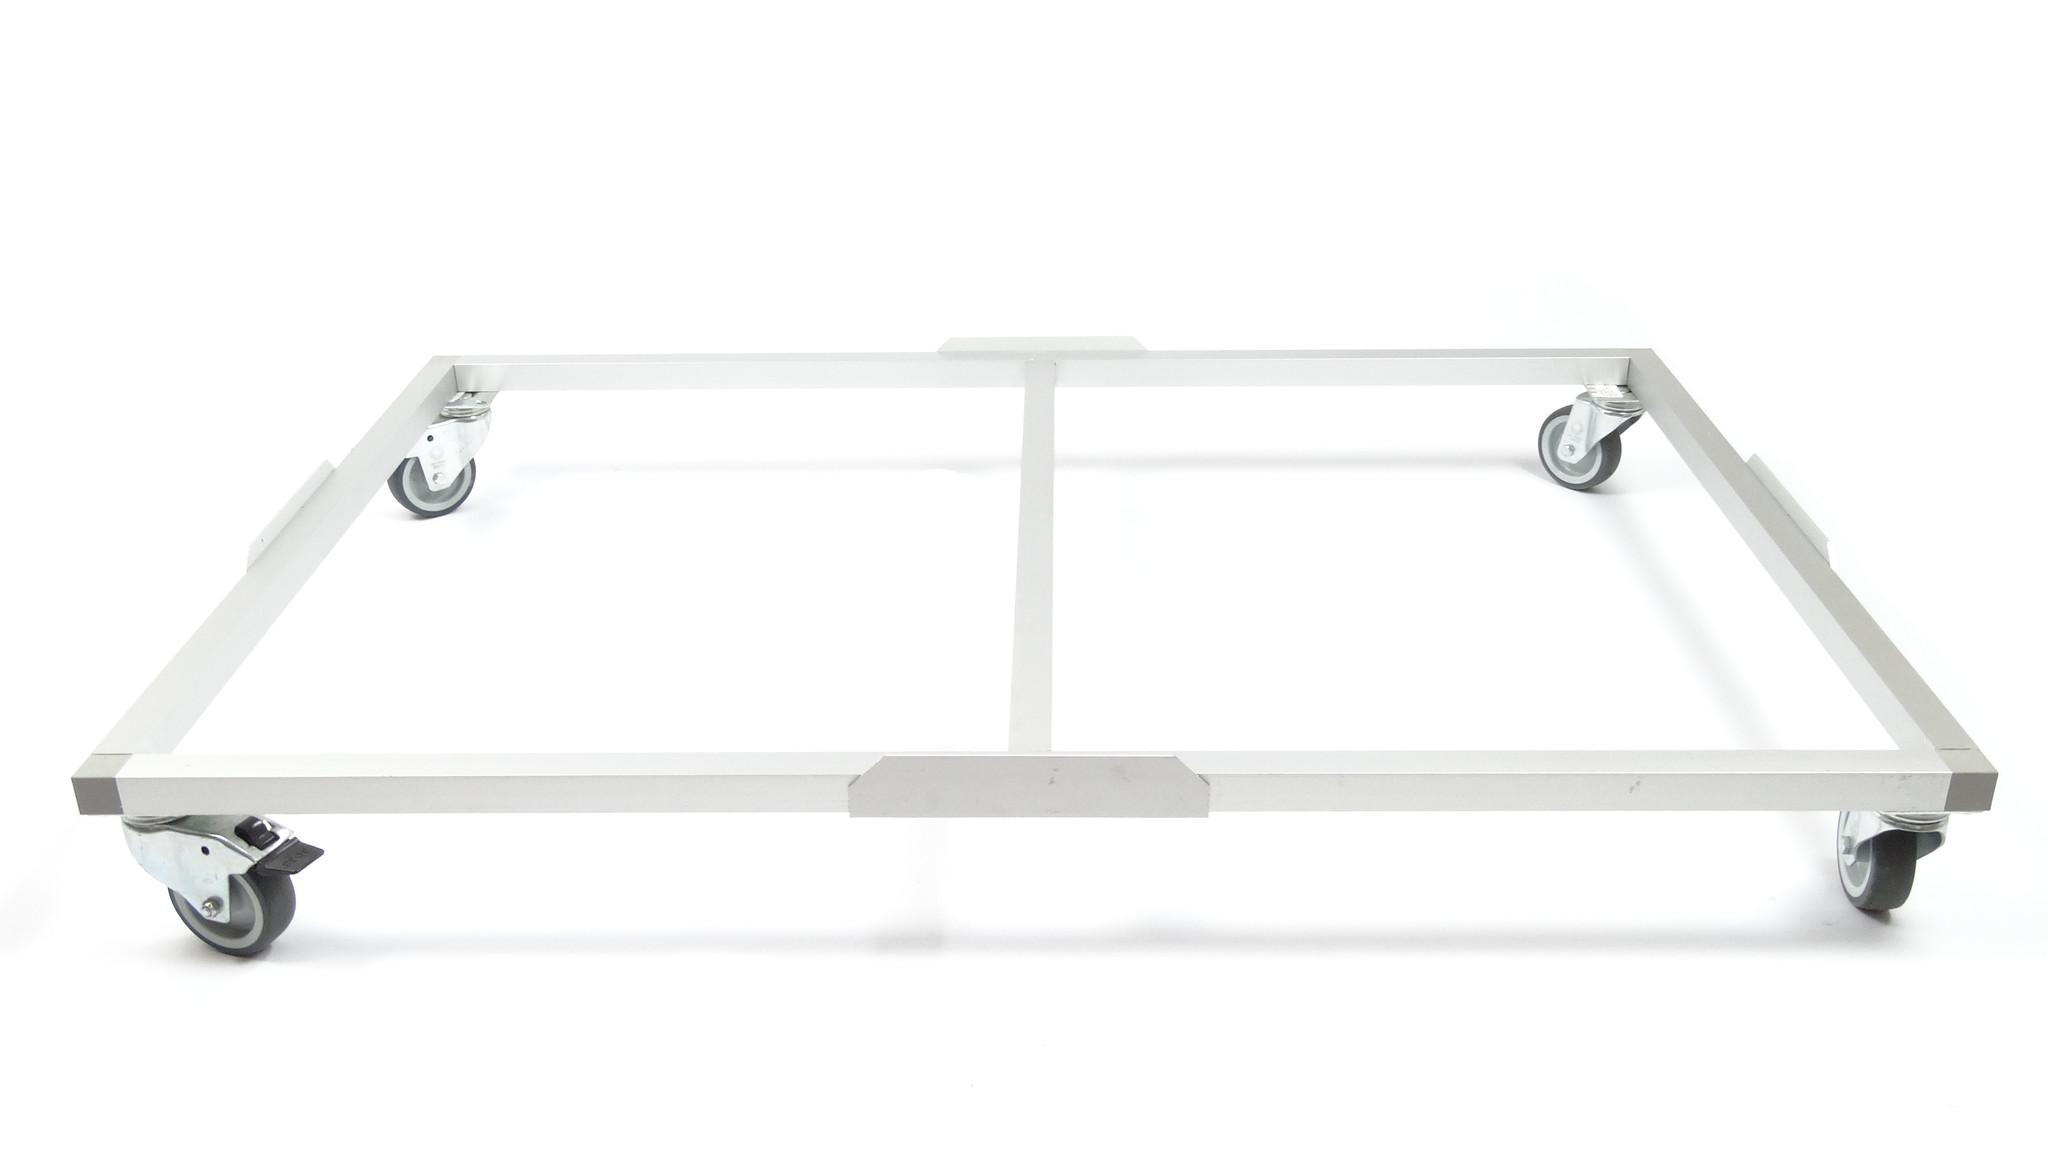 Hundos  Hundos Pro Wielenframe voor Hundos Pro Aluminium Hondenbench model DK/DL maat L